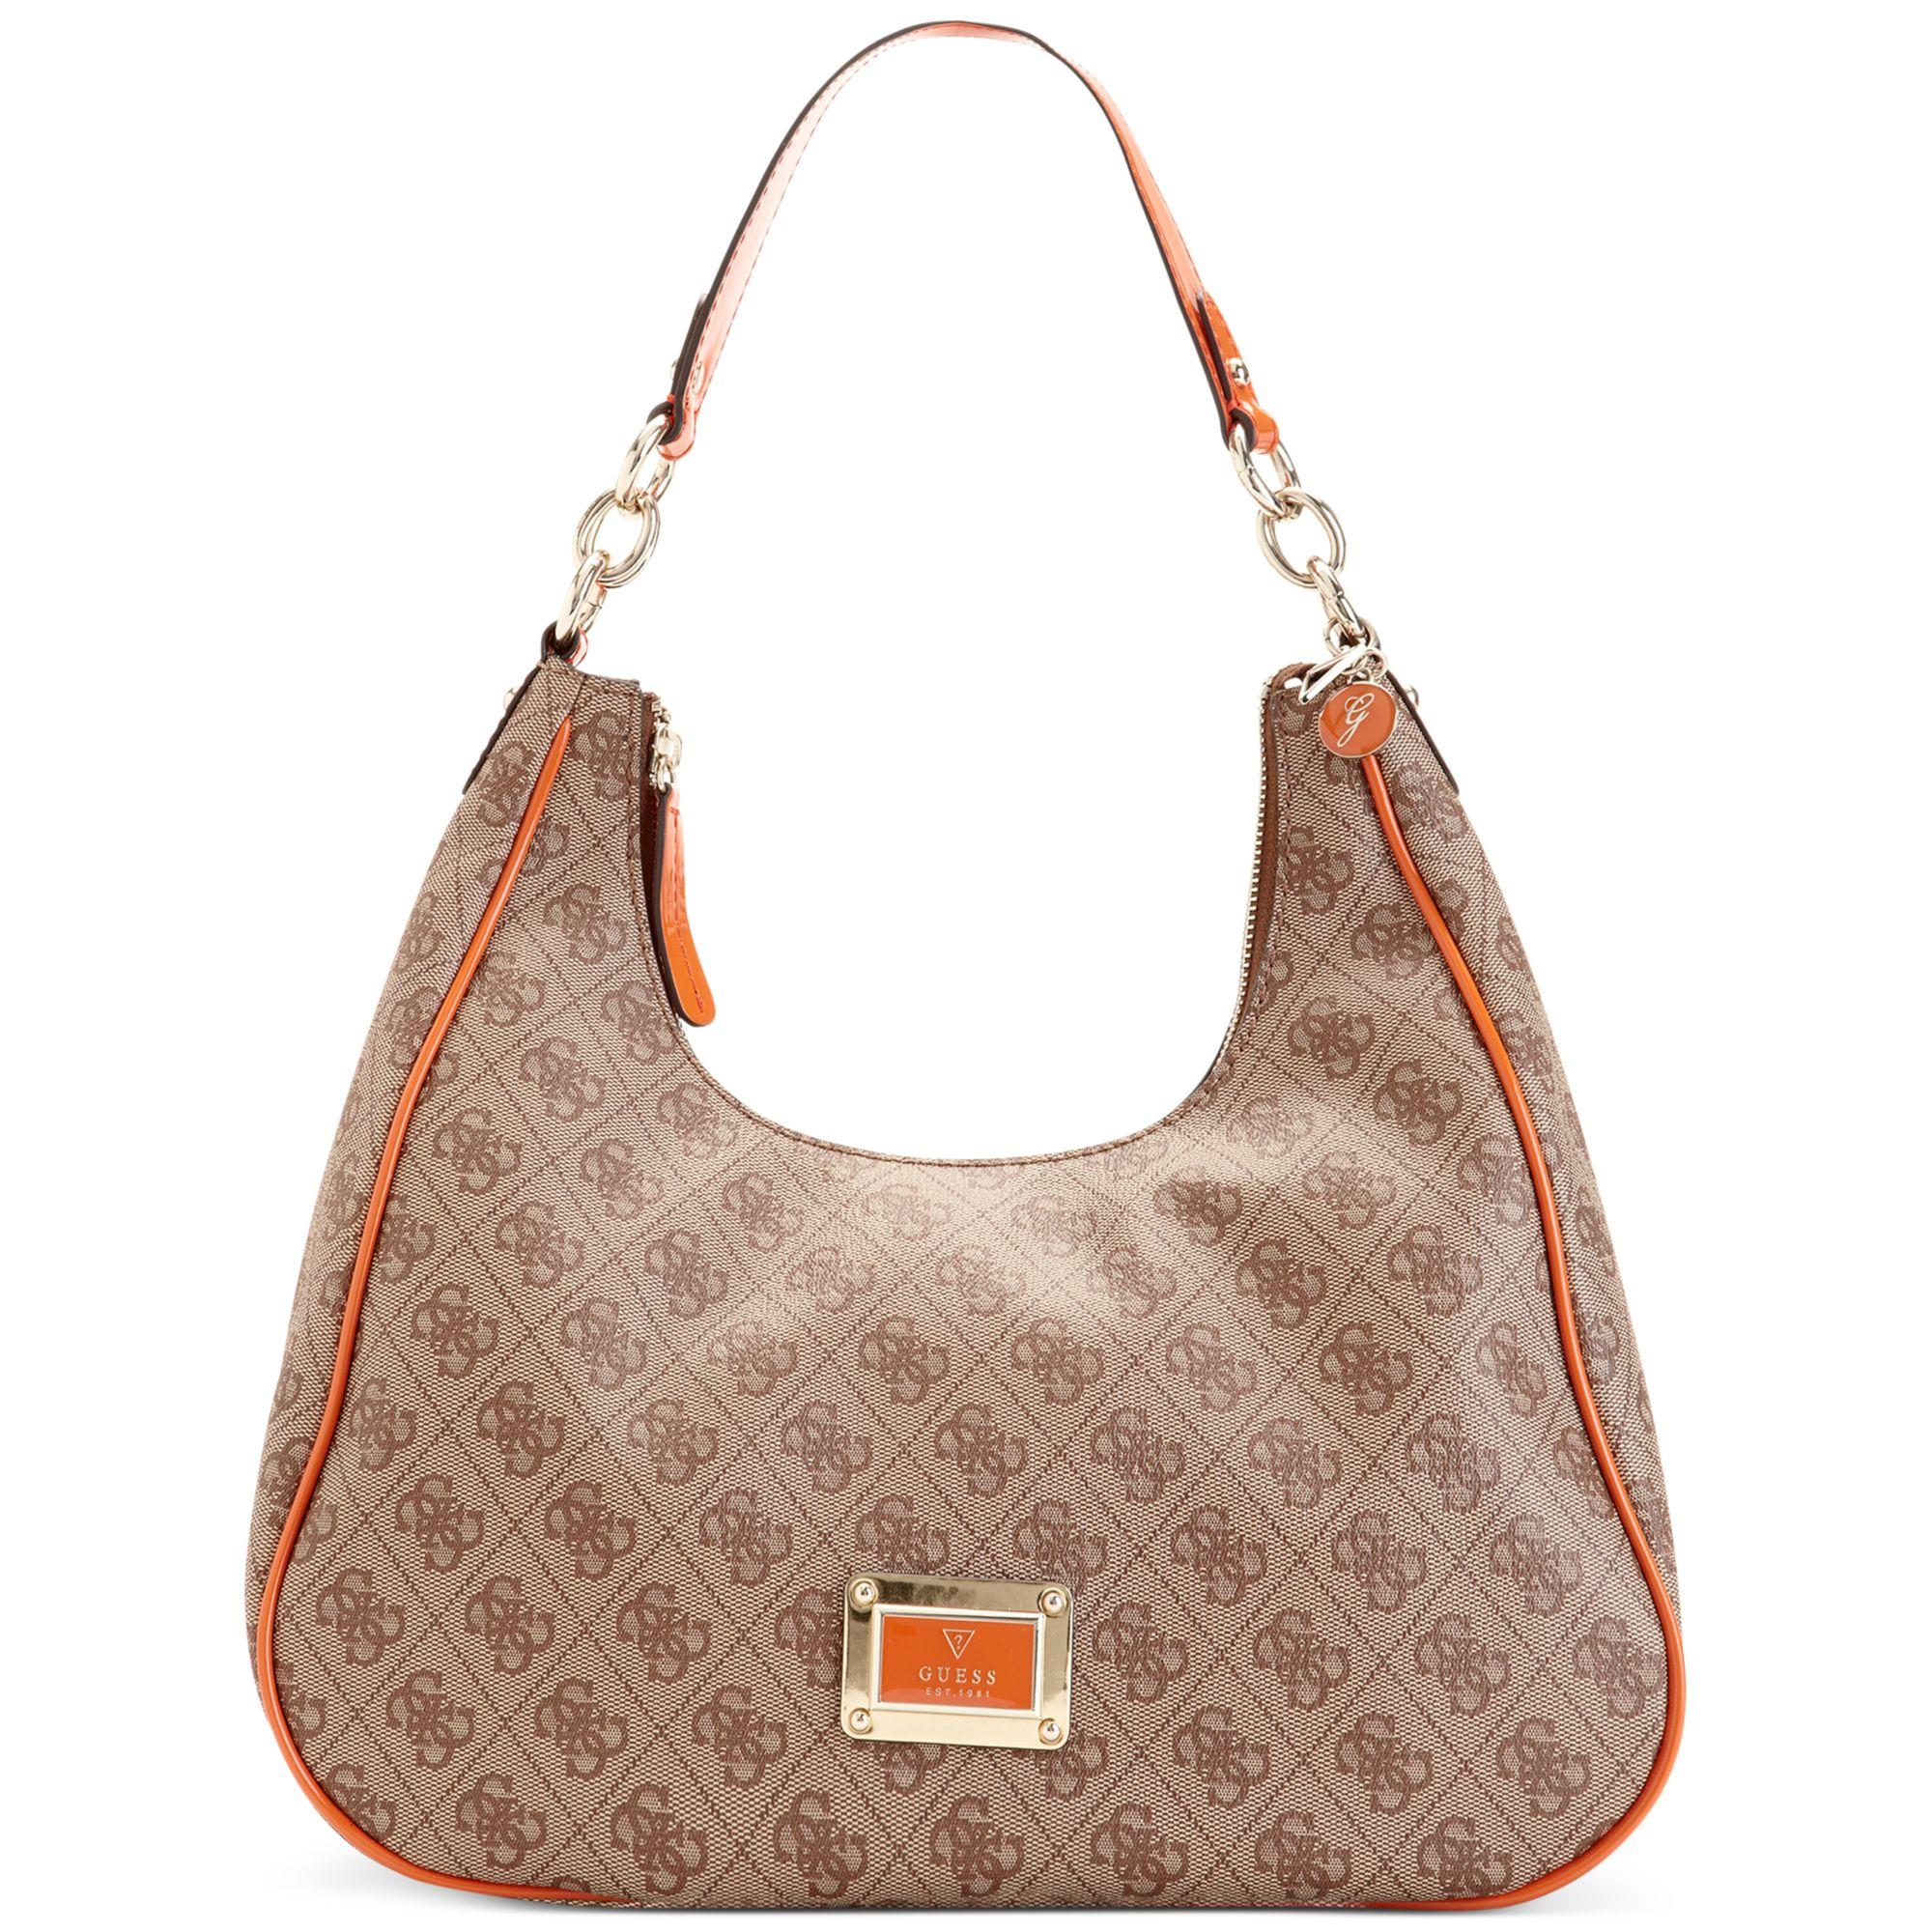 Guess Handbag Reama Top Handle Flap Shoulder Bag 34